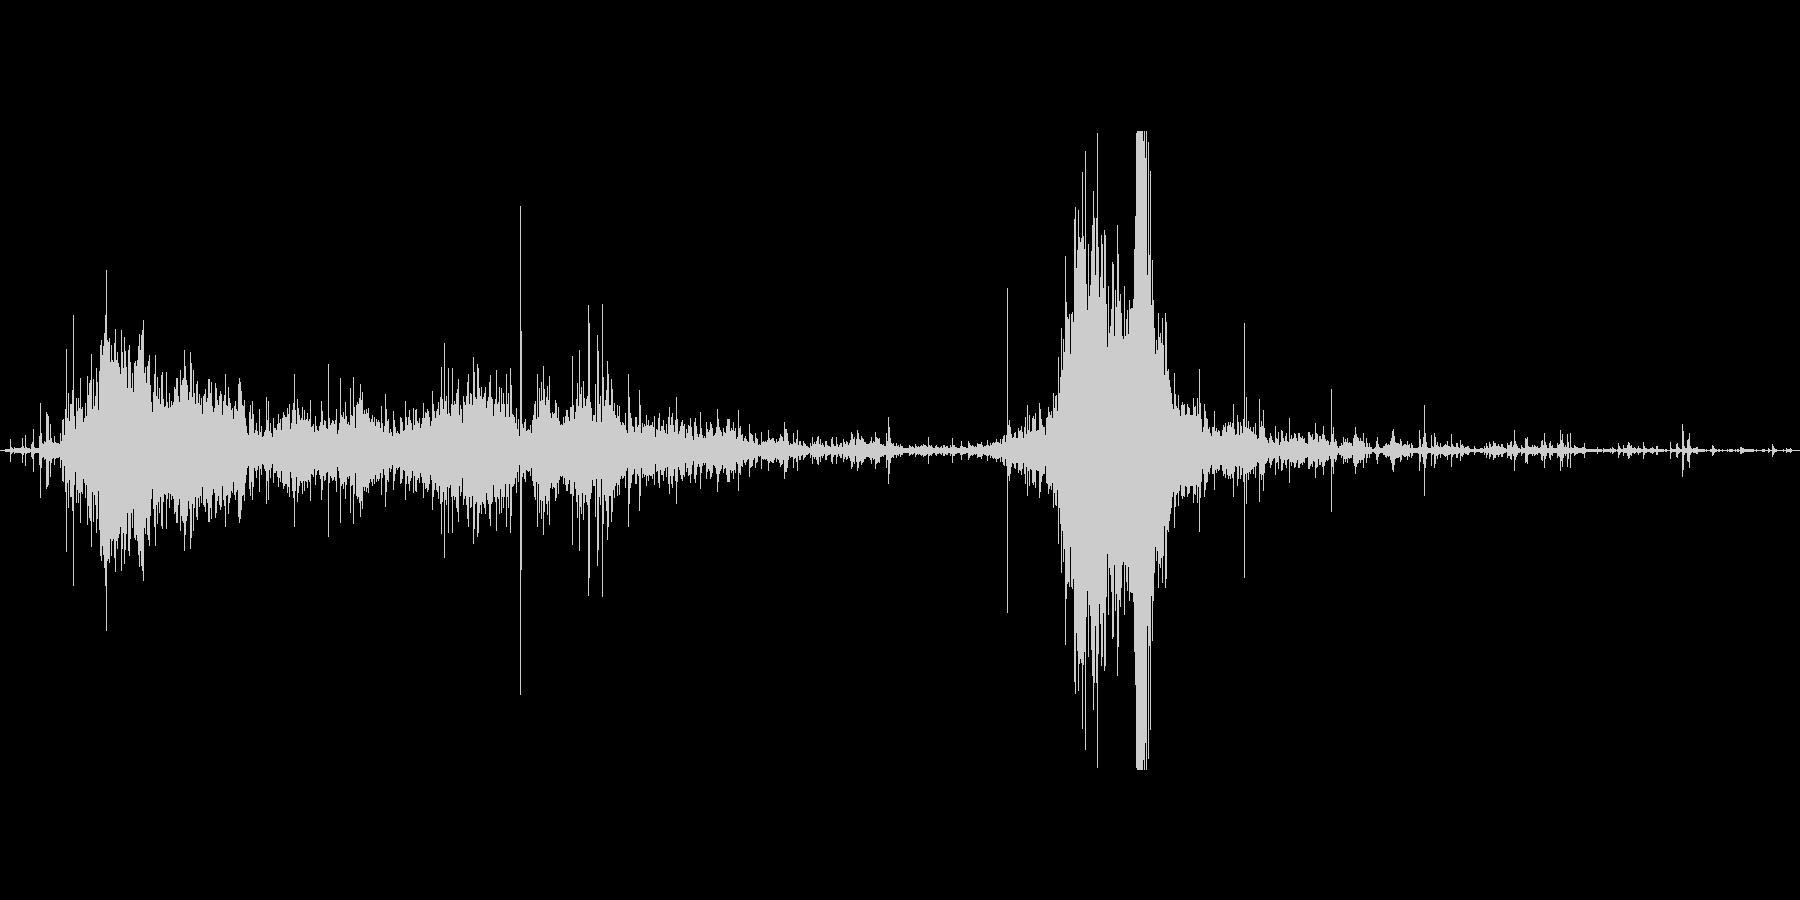 ゴミ袋を漁る音、最後に置くの未再生の波形